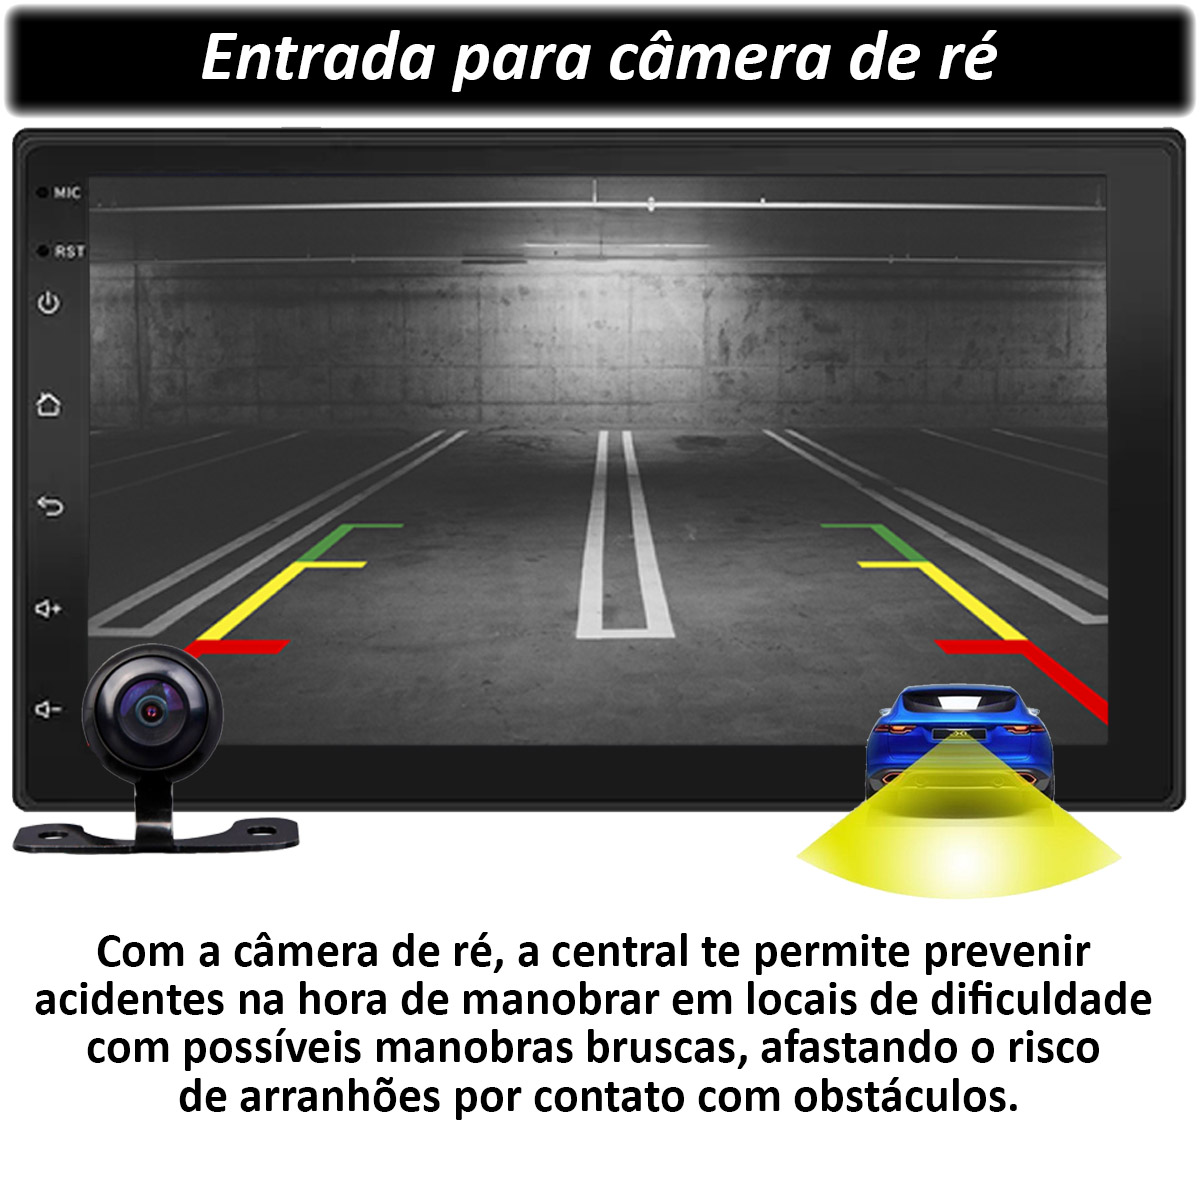 Central Multimídia BMW Series 3 Muzik Android com Câmera 7 Polegadas 2 Din Moldura Preta Atacado Poliparts